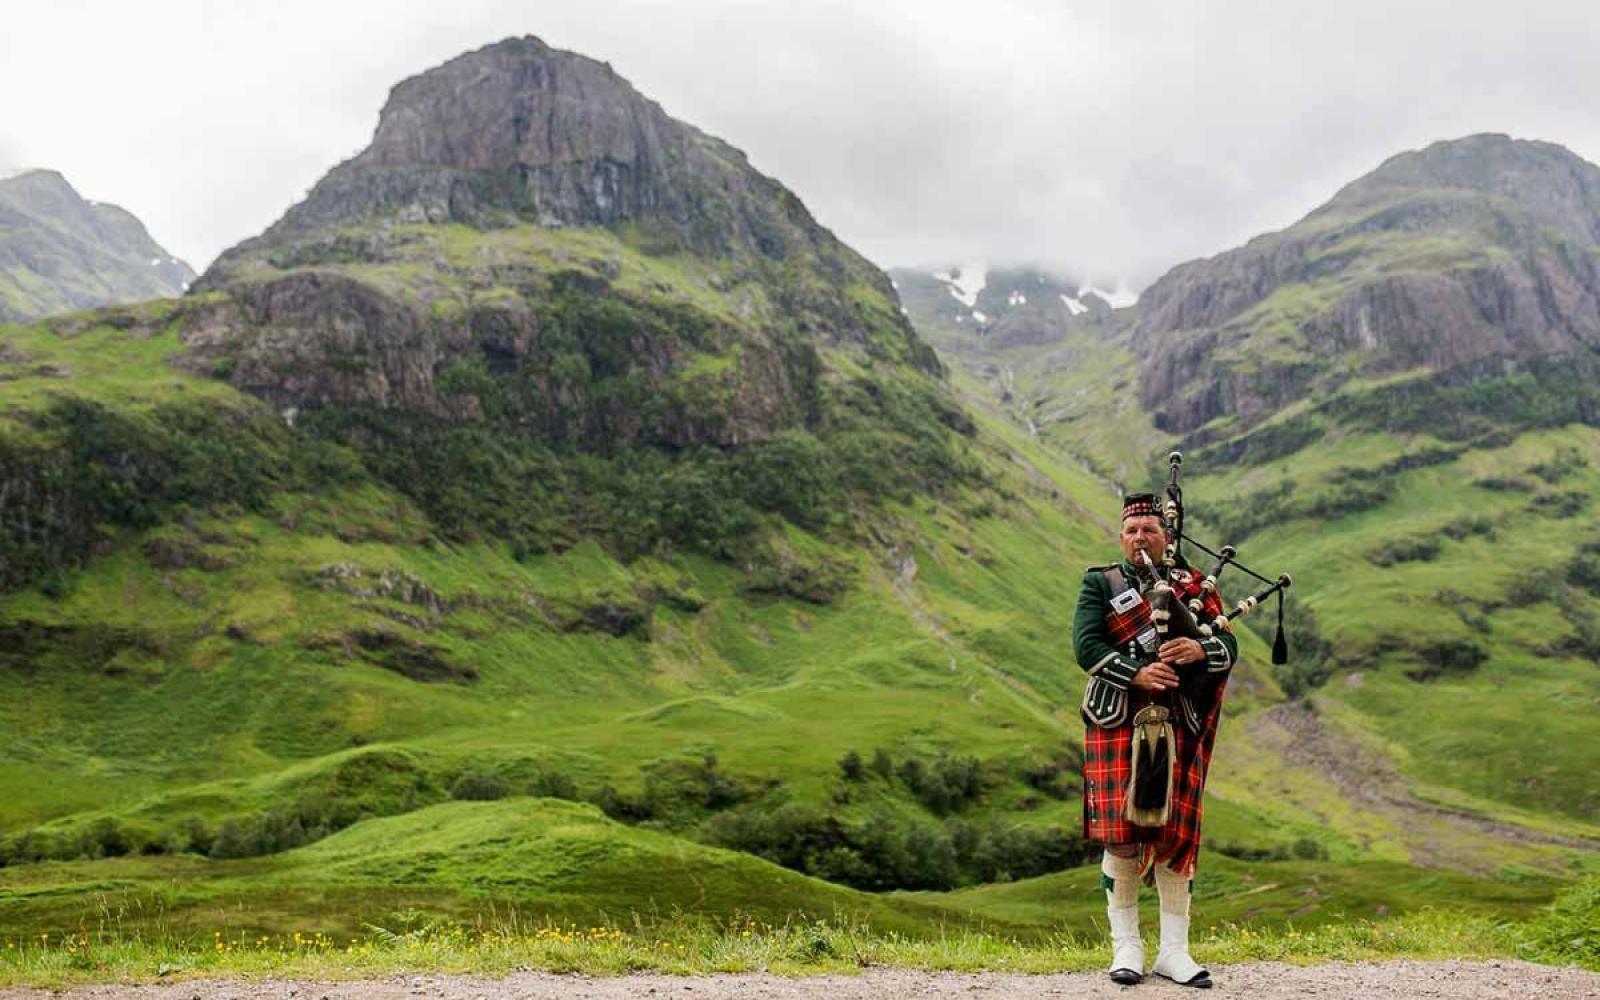 InLingua Эдинбург, Шотландия